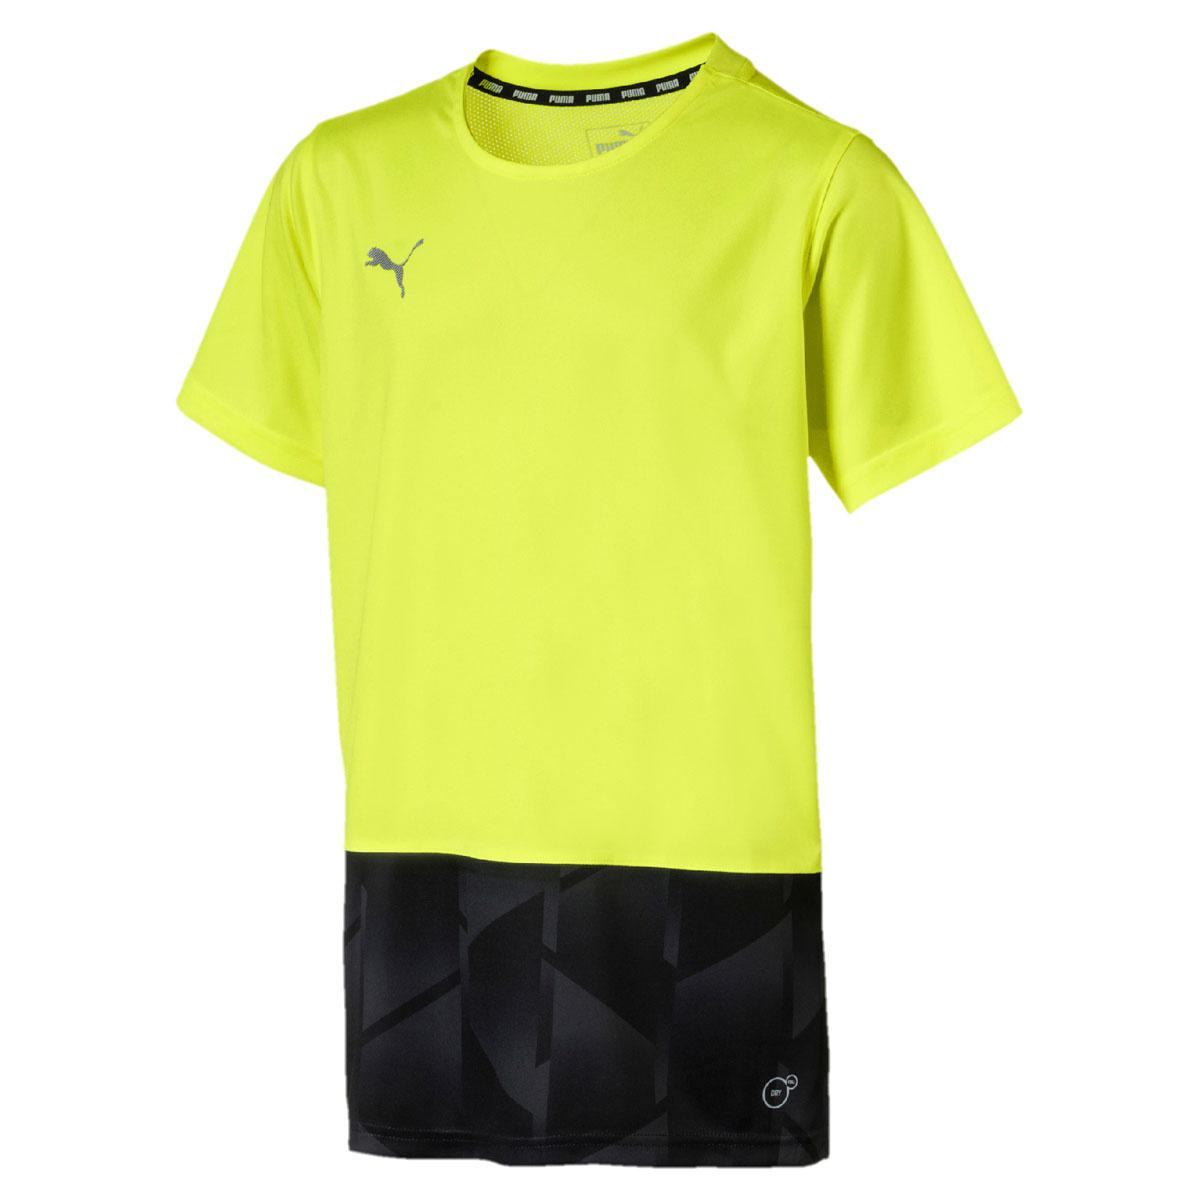 ae380563e3a Футболка PUMA ftblNXT Graphic Shirt Jr — купить в интернет-магазине OZON с  быстрой доставкой